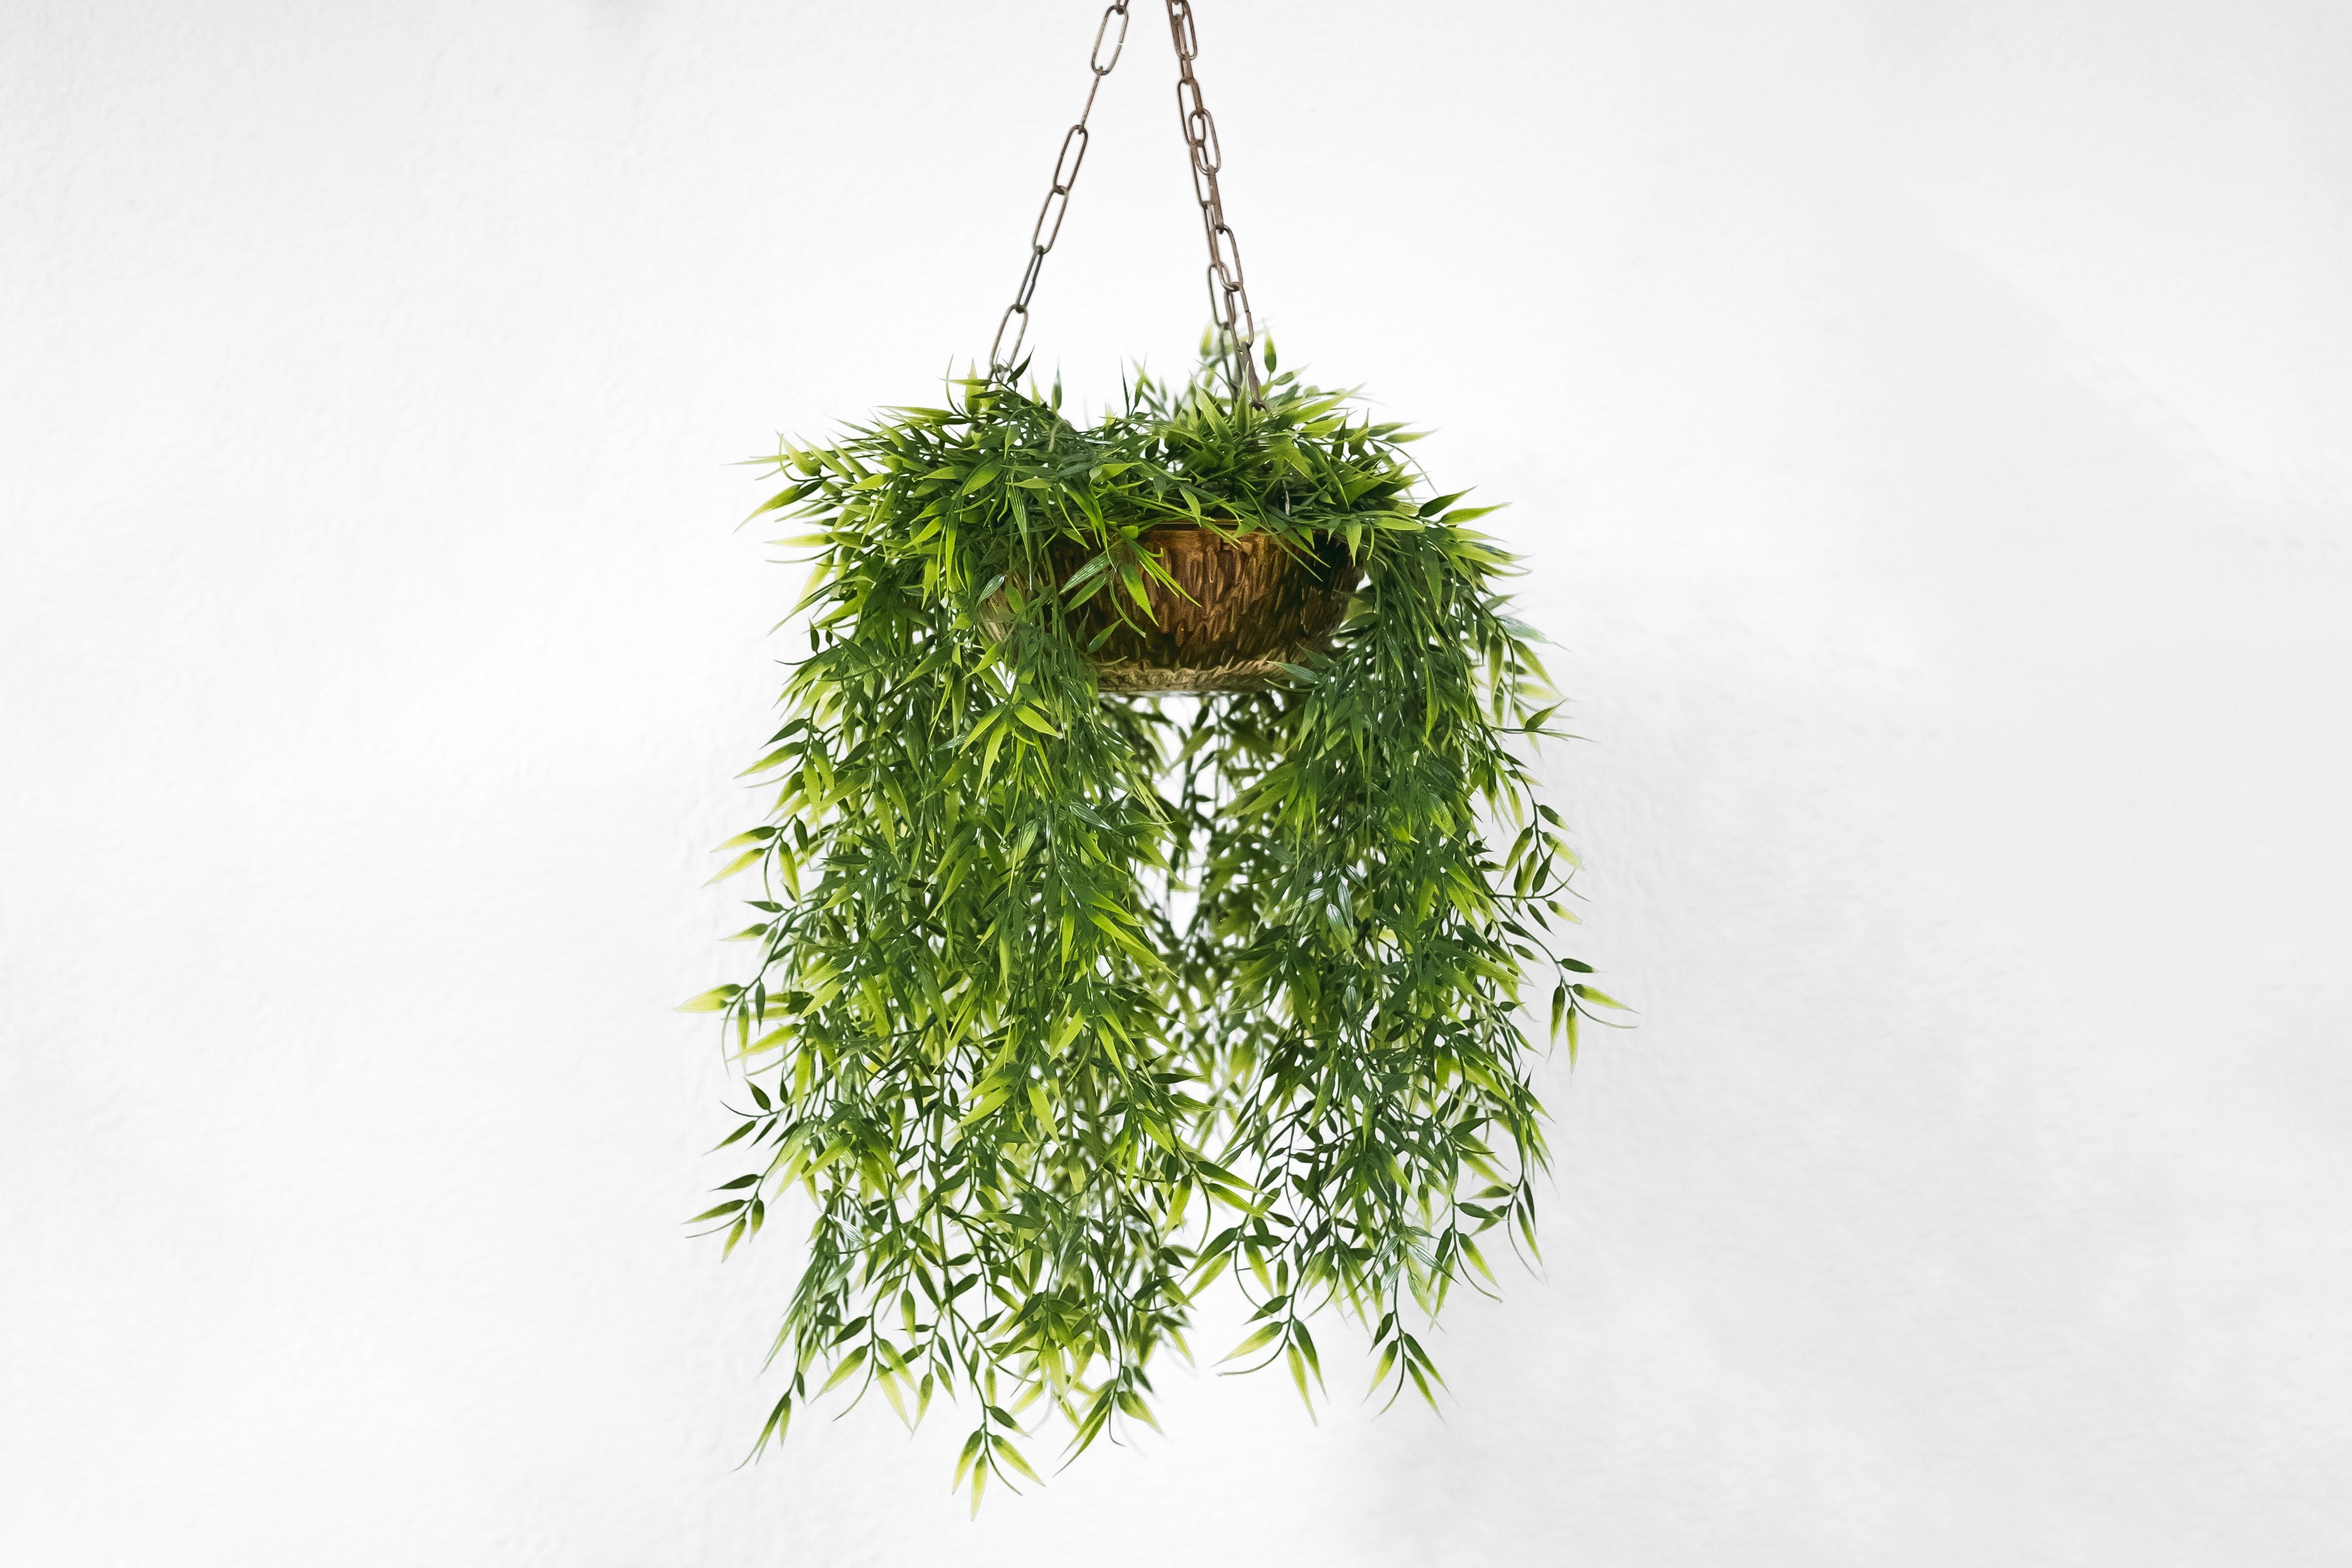 een plant is een van de kantoorhacks